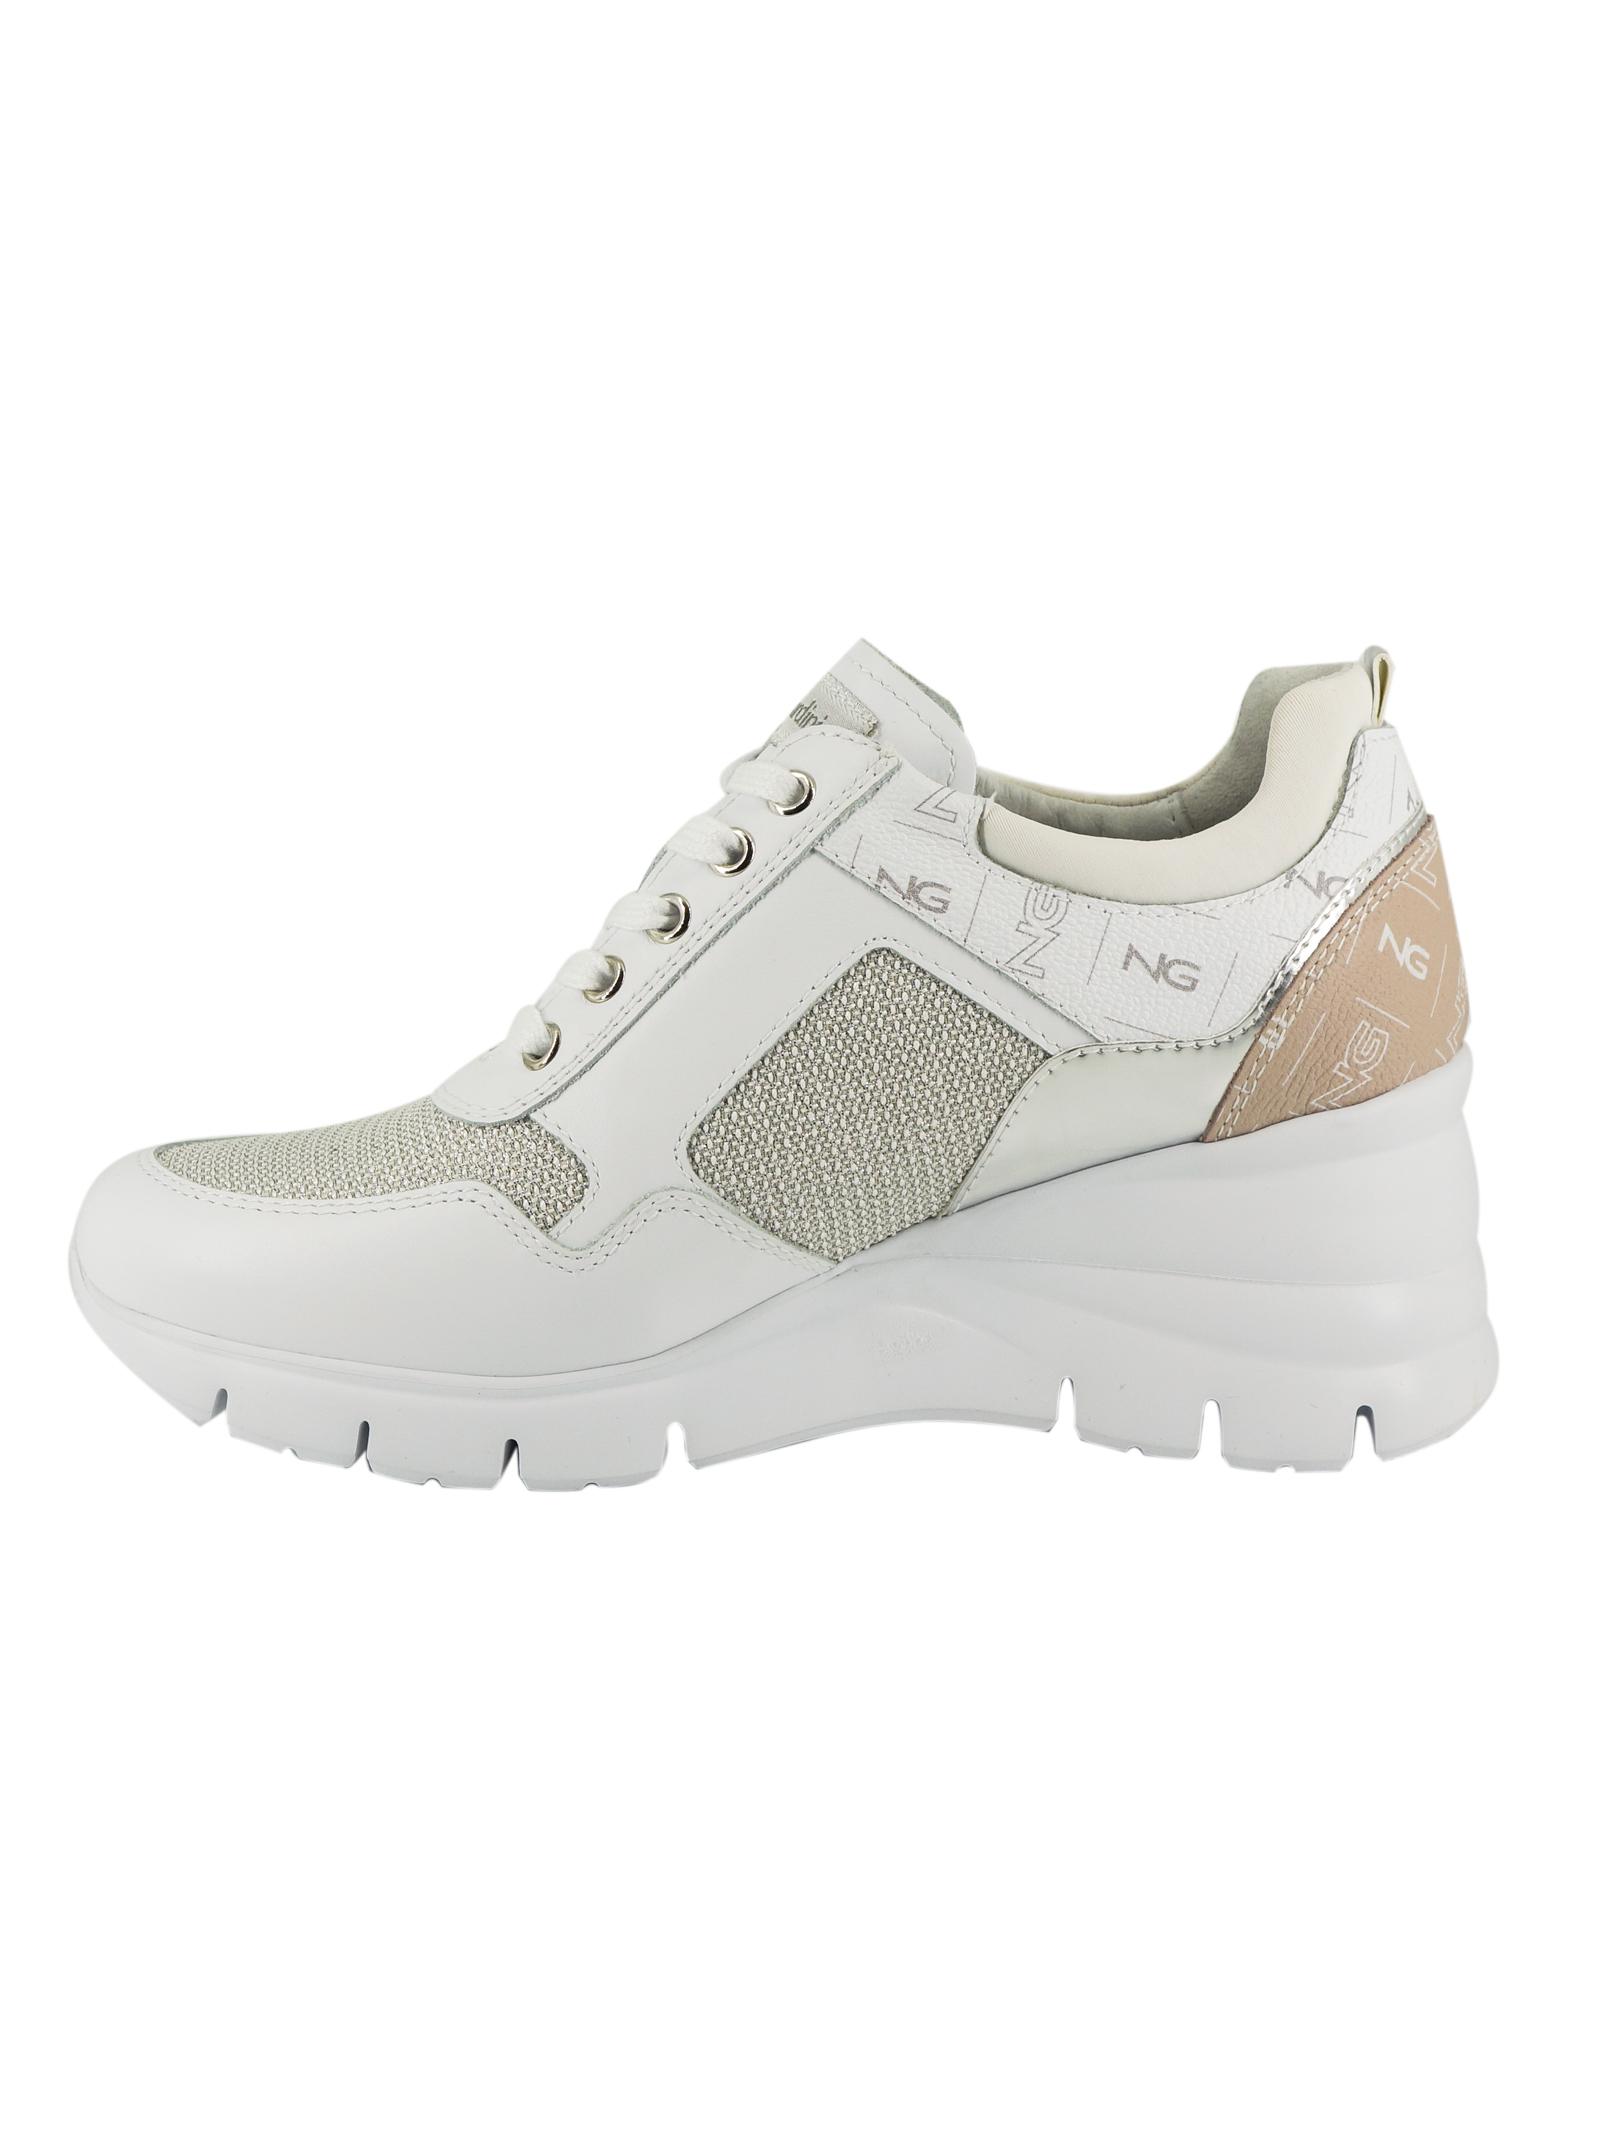 Sneakers Donna in Pelle Nero Giardini Nero Giardini | Sneakers | E115134DBIANCO707